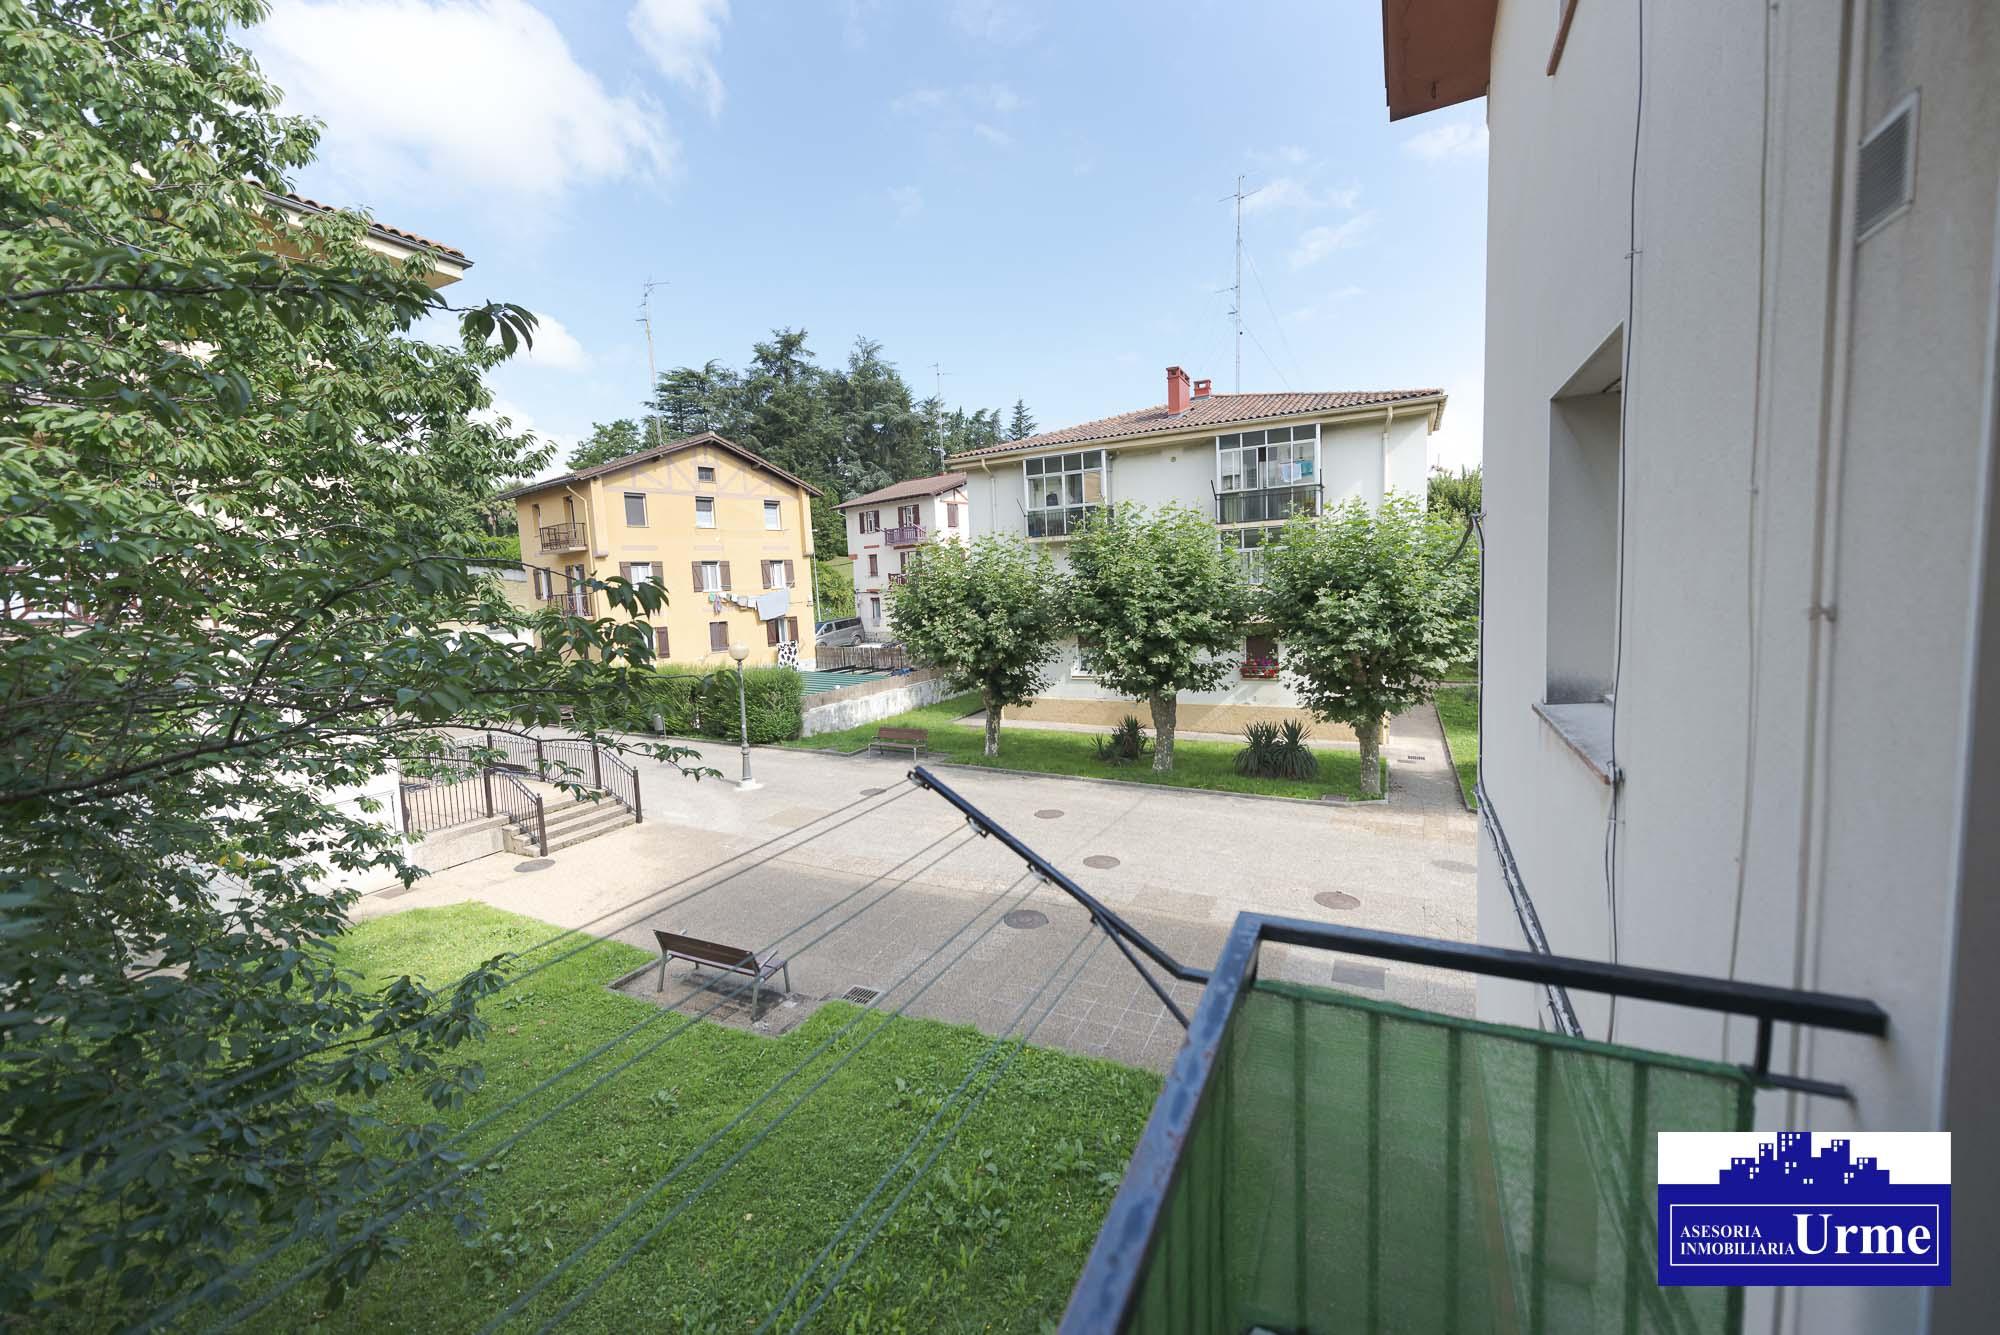 Funcional,espacioso, exterior y con balcon.Uno 88m2 útiles distribuidos en 3 habitaciones, salon,cocina y baño con ducha.Para entrar!!!!